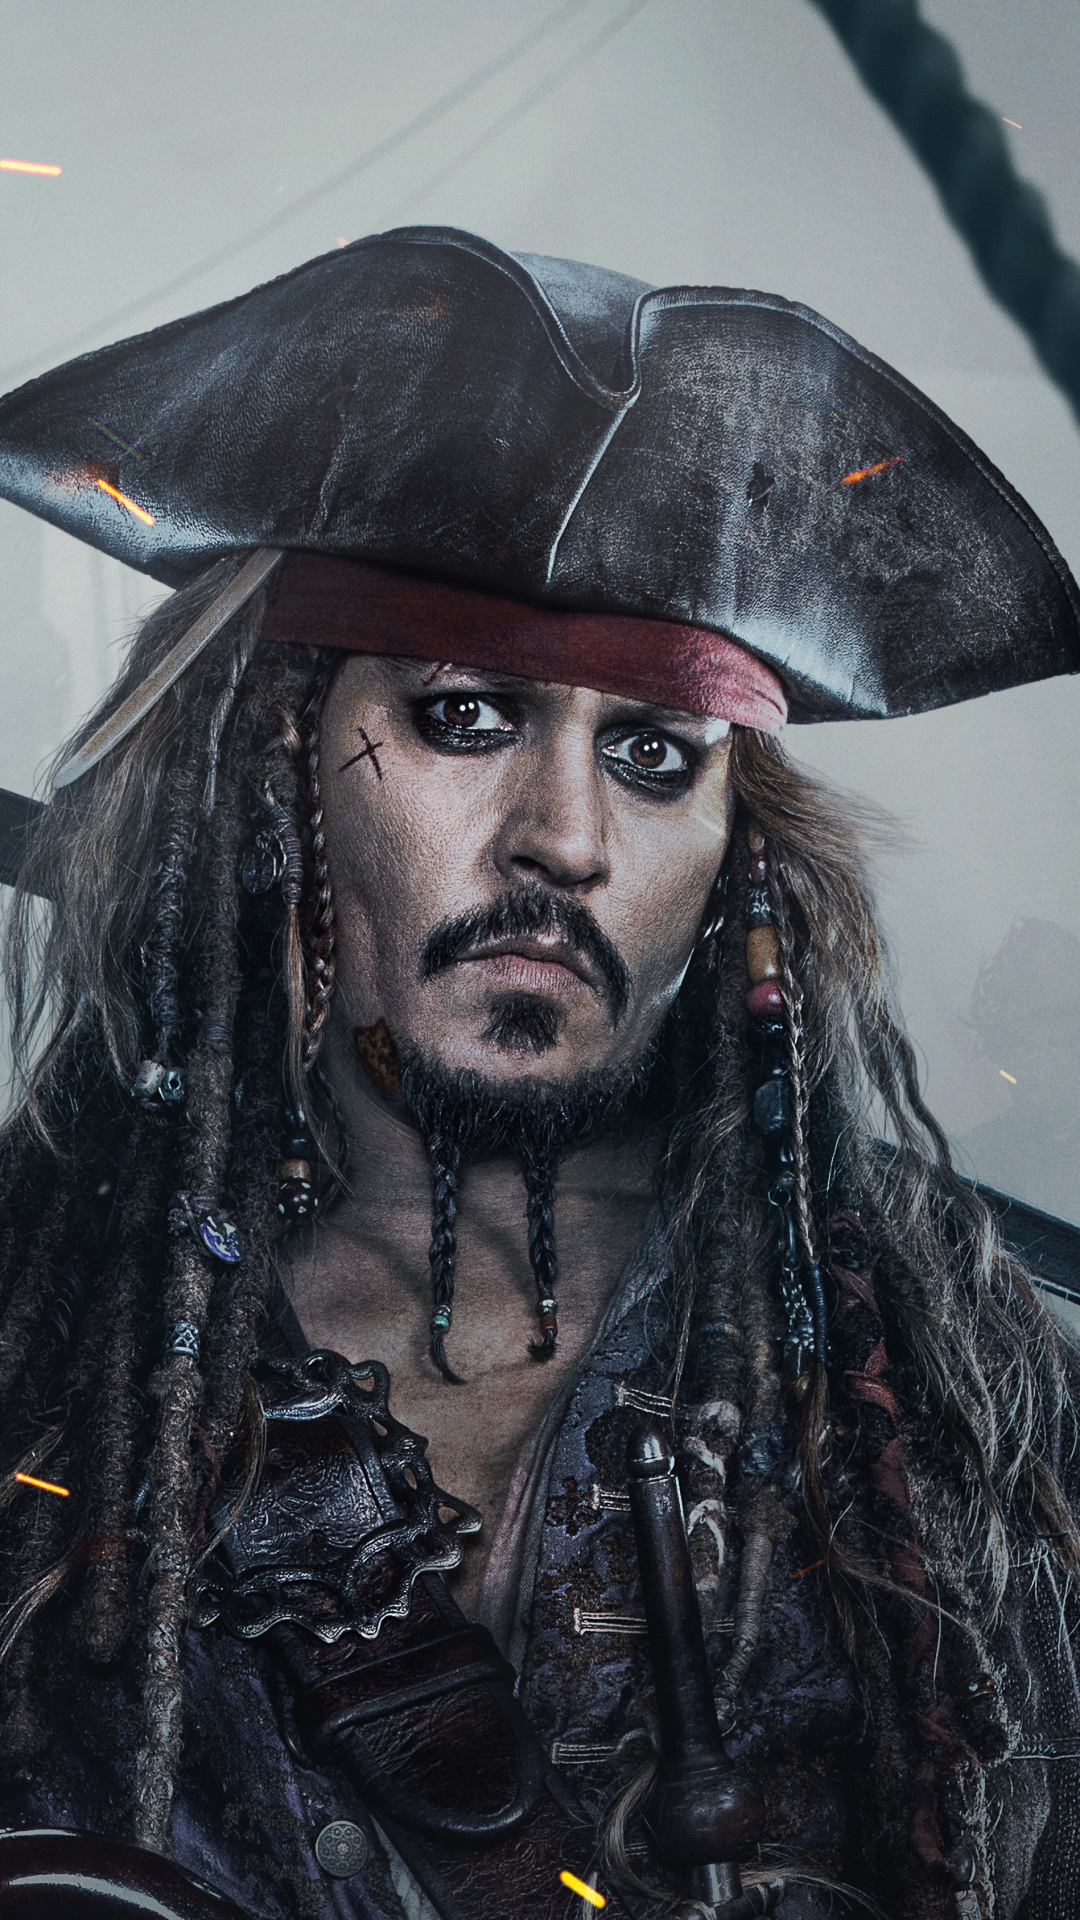 Fondos De Piratas Del Caribe 5 Para Iphone Y Android Wallpapers